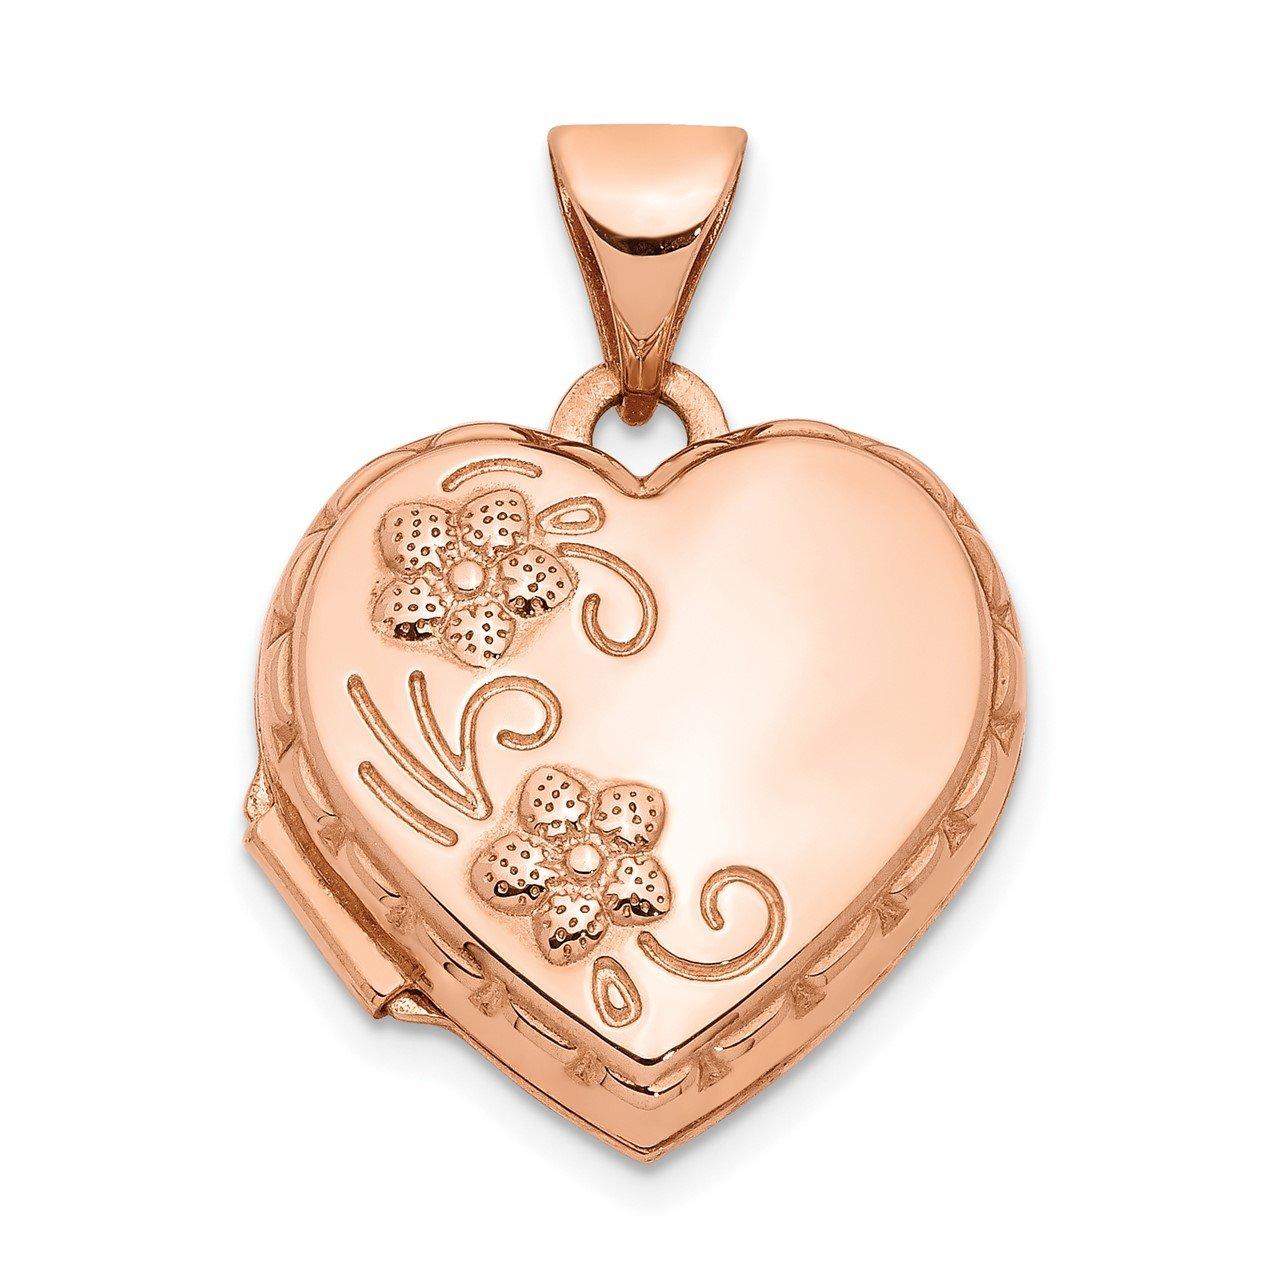 14k Rose Gold 15mm Heart Locket